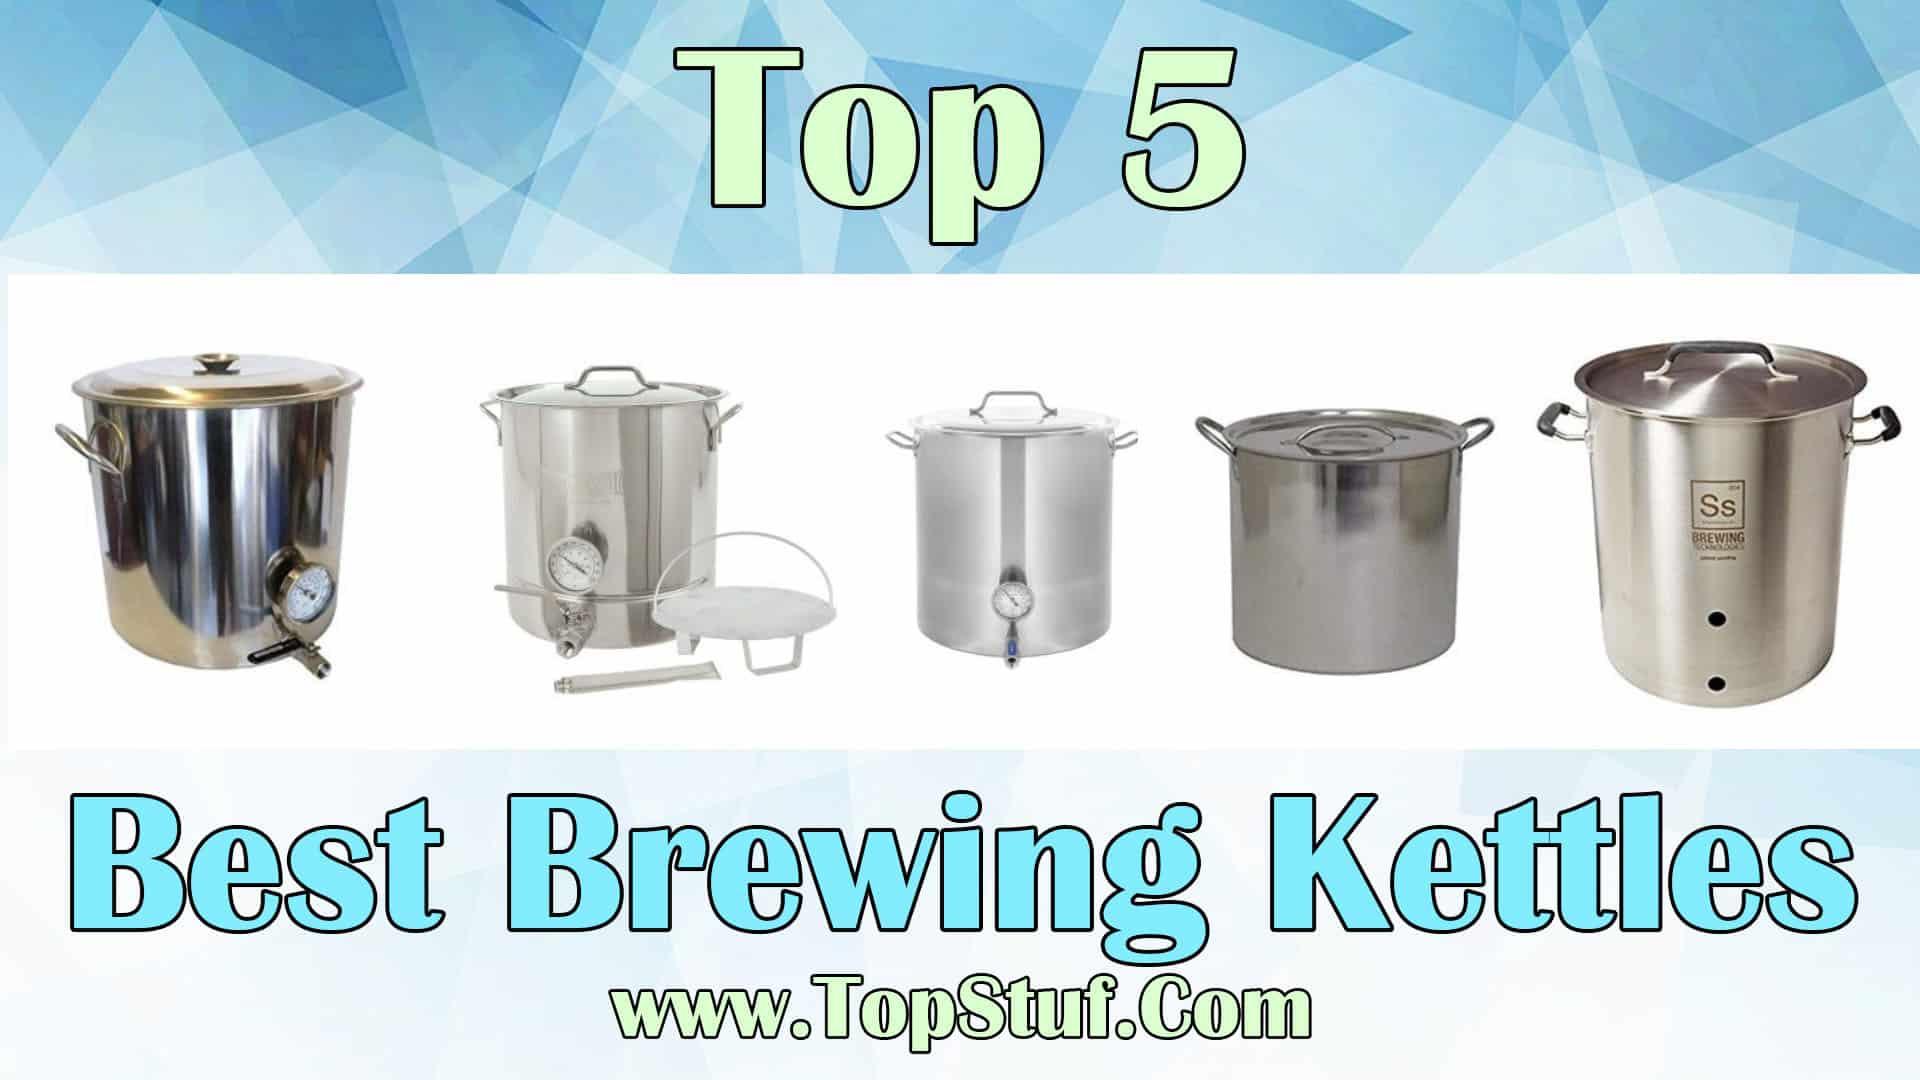 Best Brewing Kettles